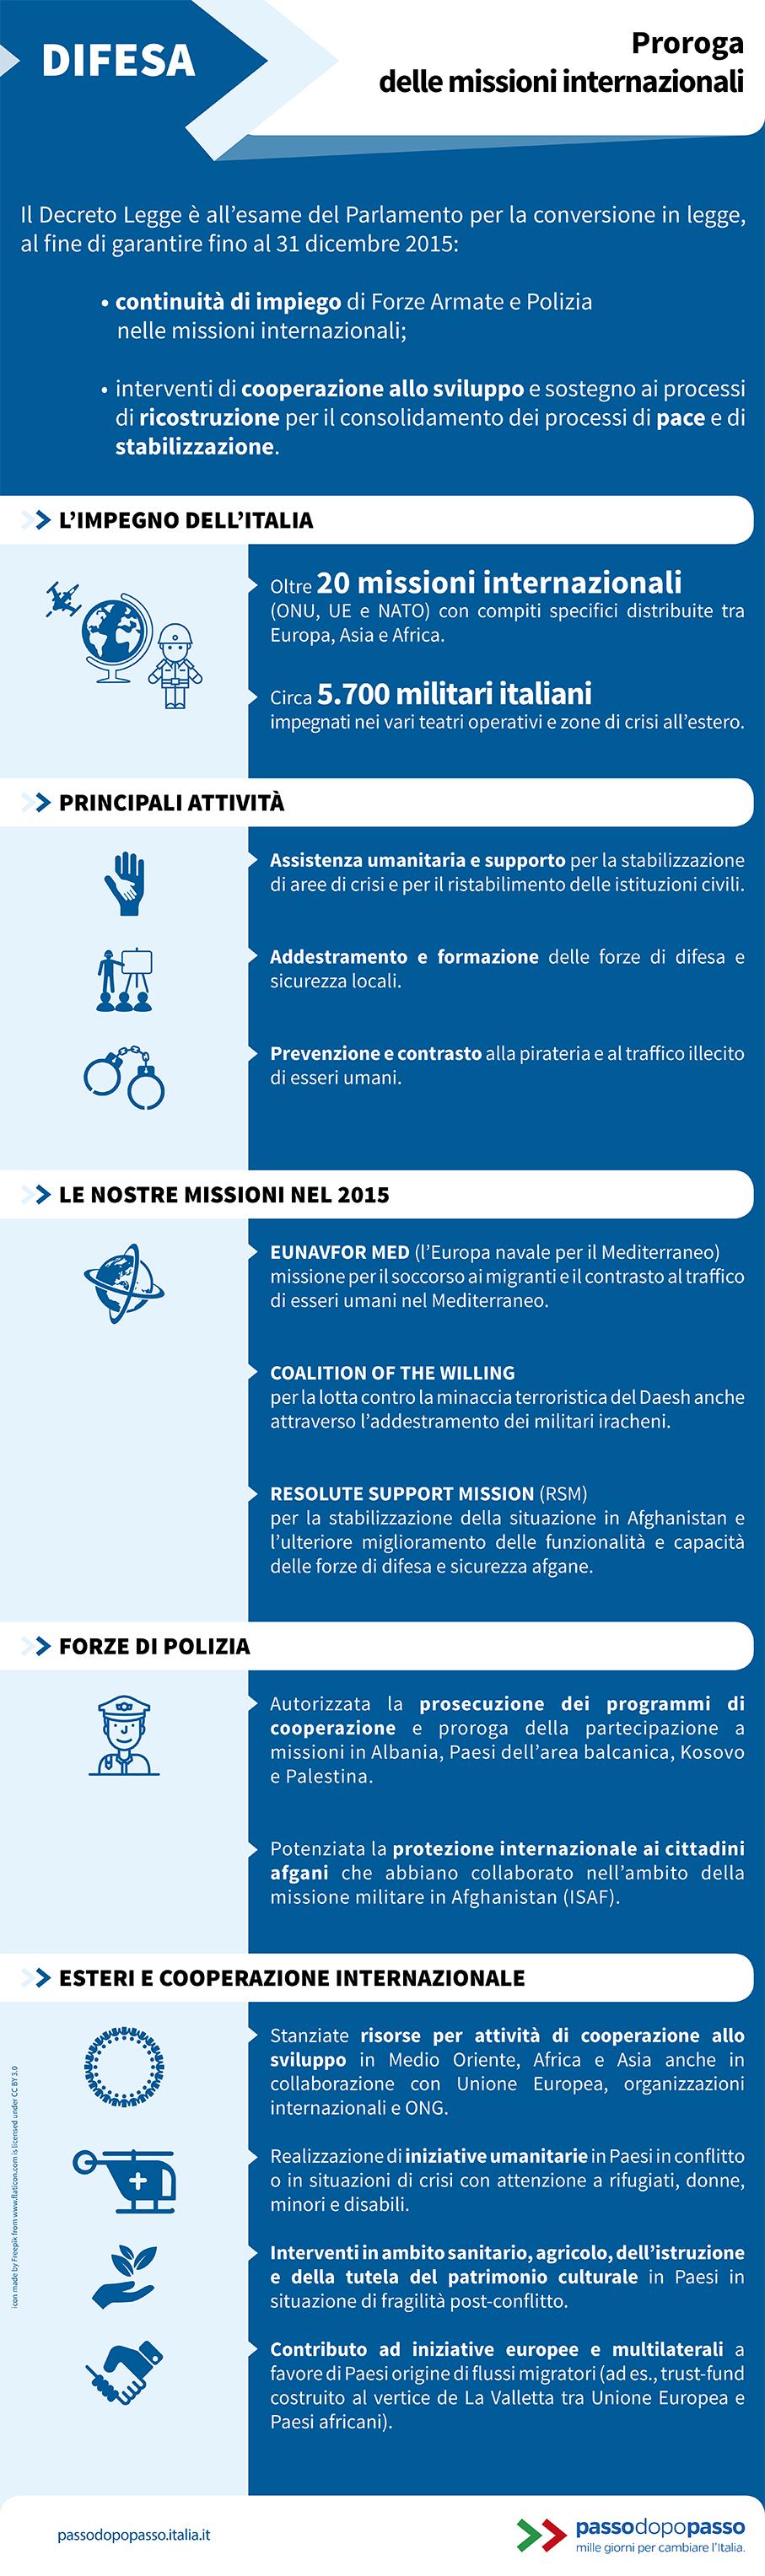 Infografica: Proroga delle missioni internazionali